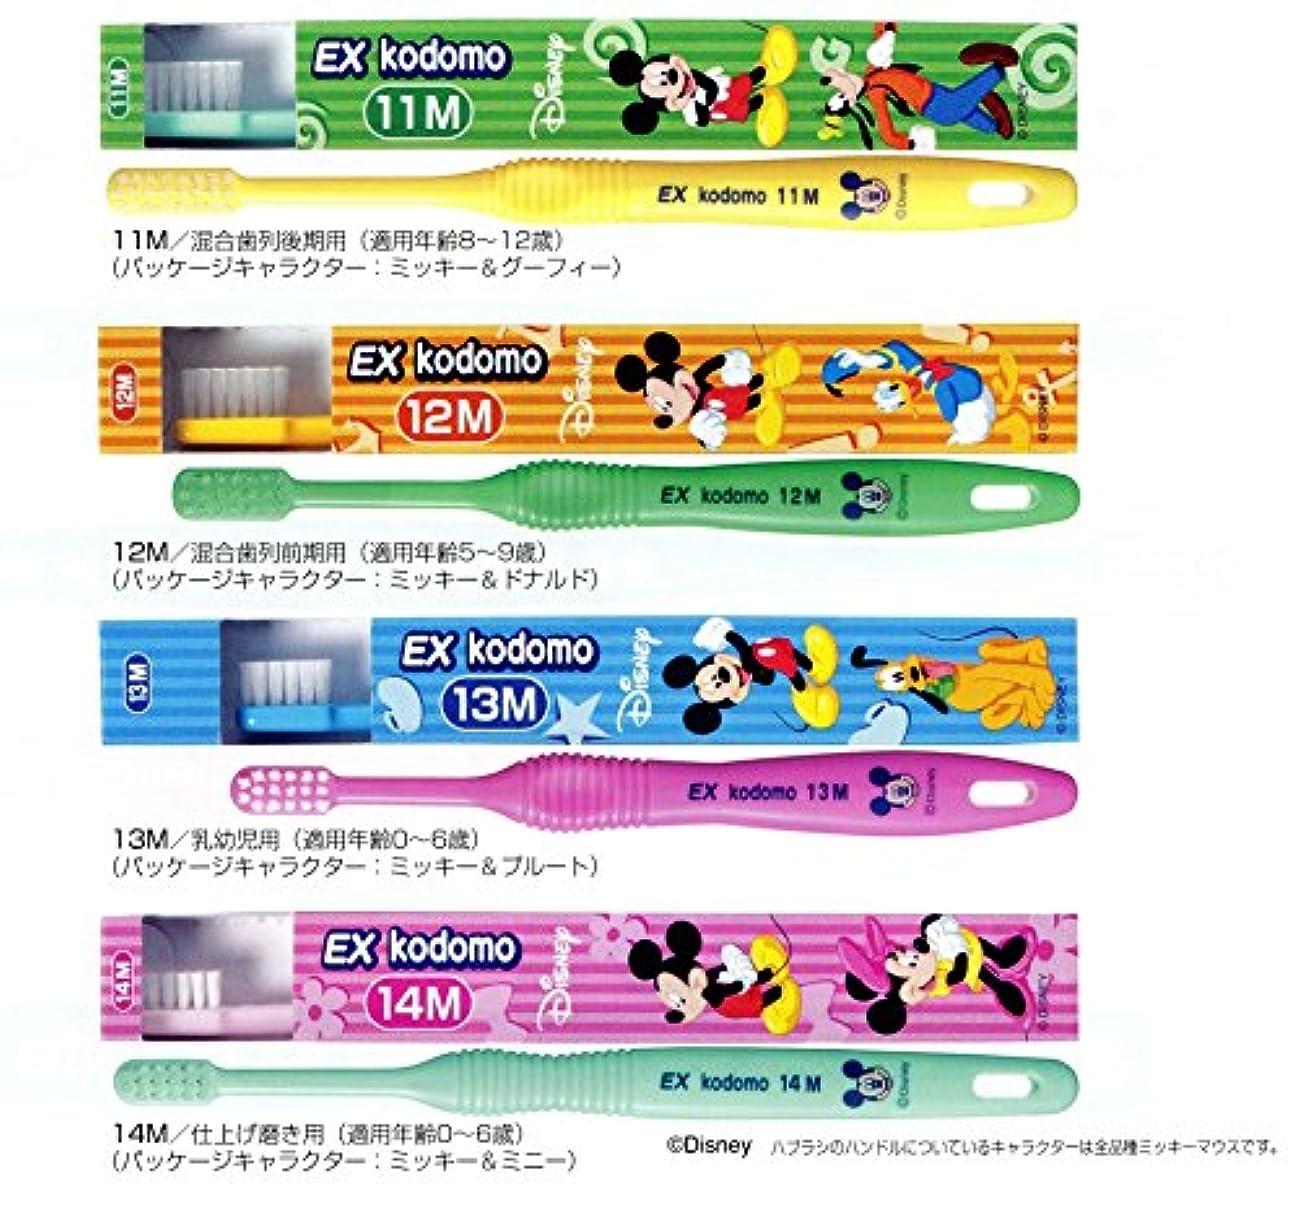 振るう王朝誰かライオン コドモ ディズニー DENT.EX kodomo Disney 1本 14M イエロー (仕上げ磨き用?0?6歳)